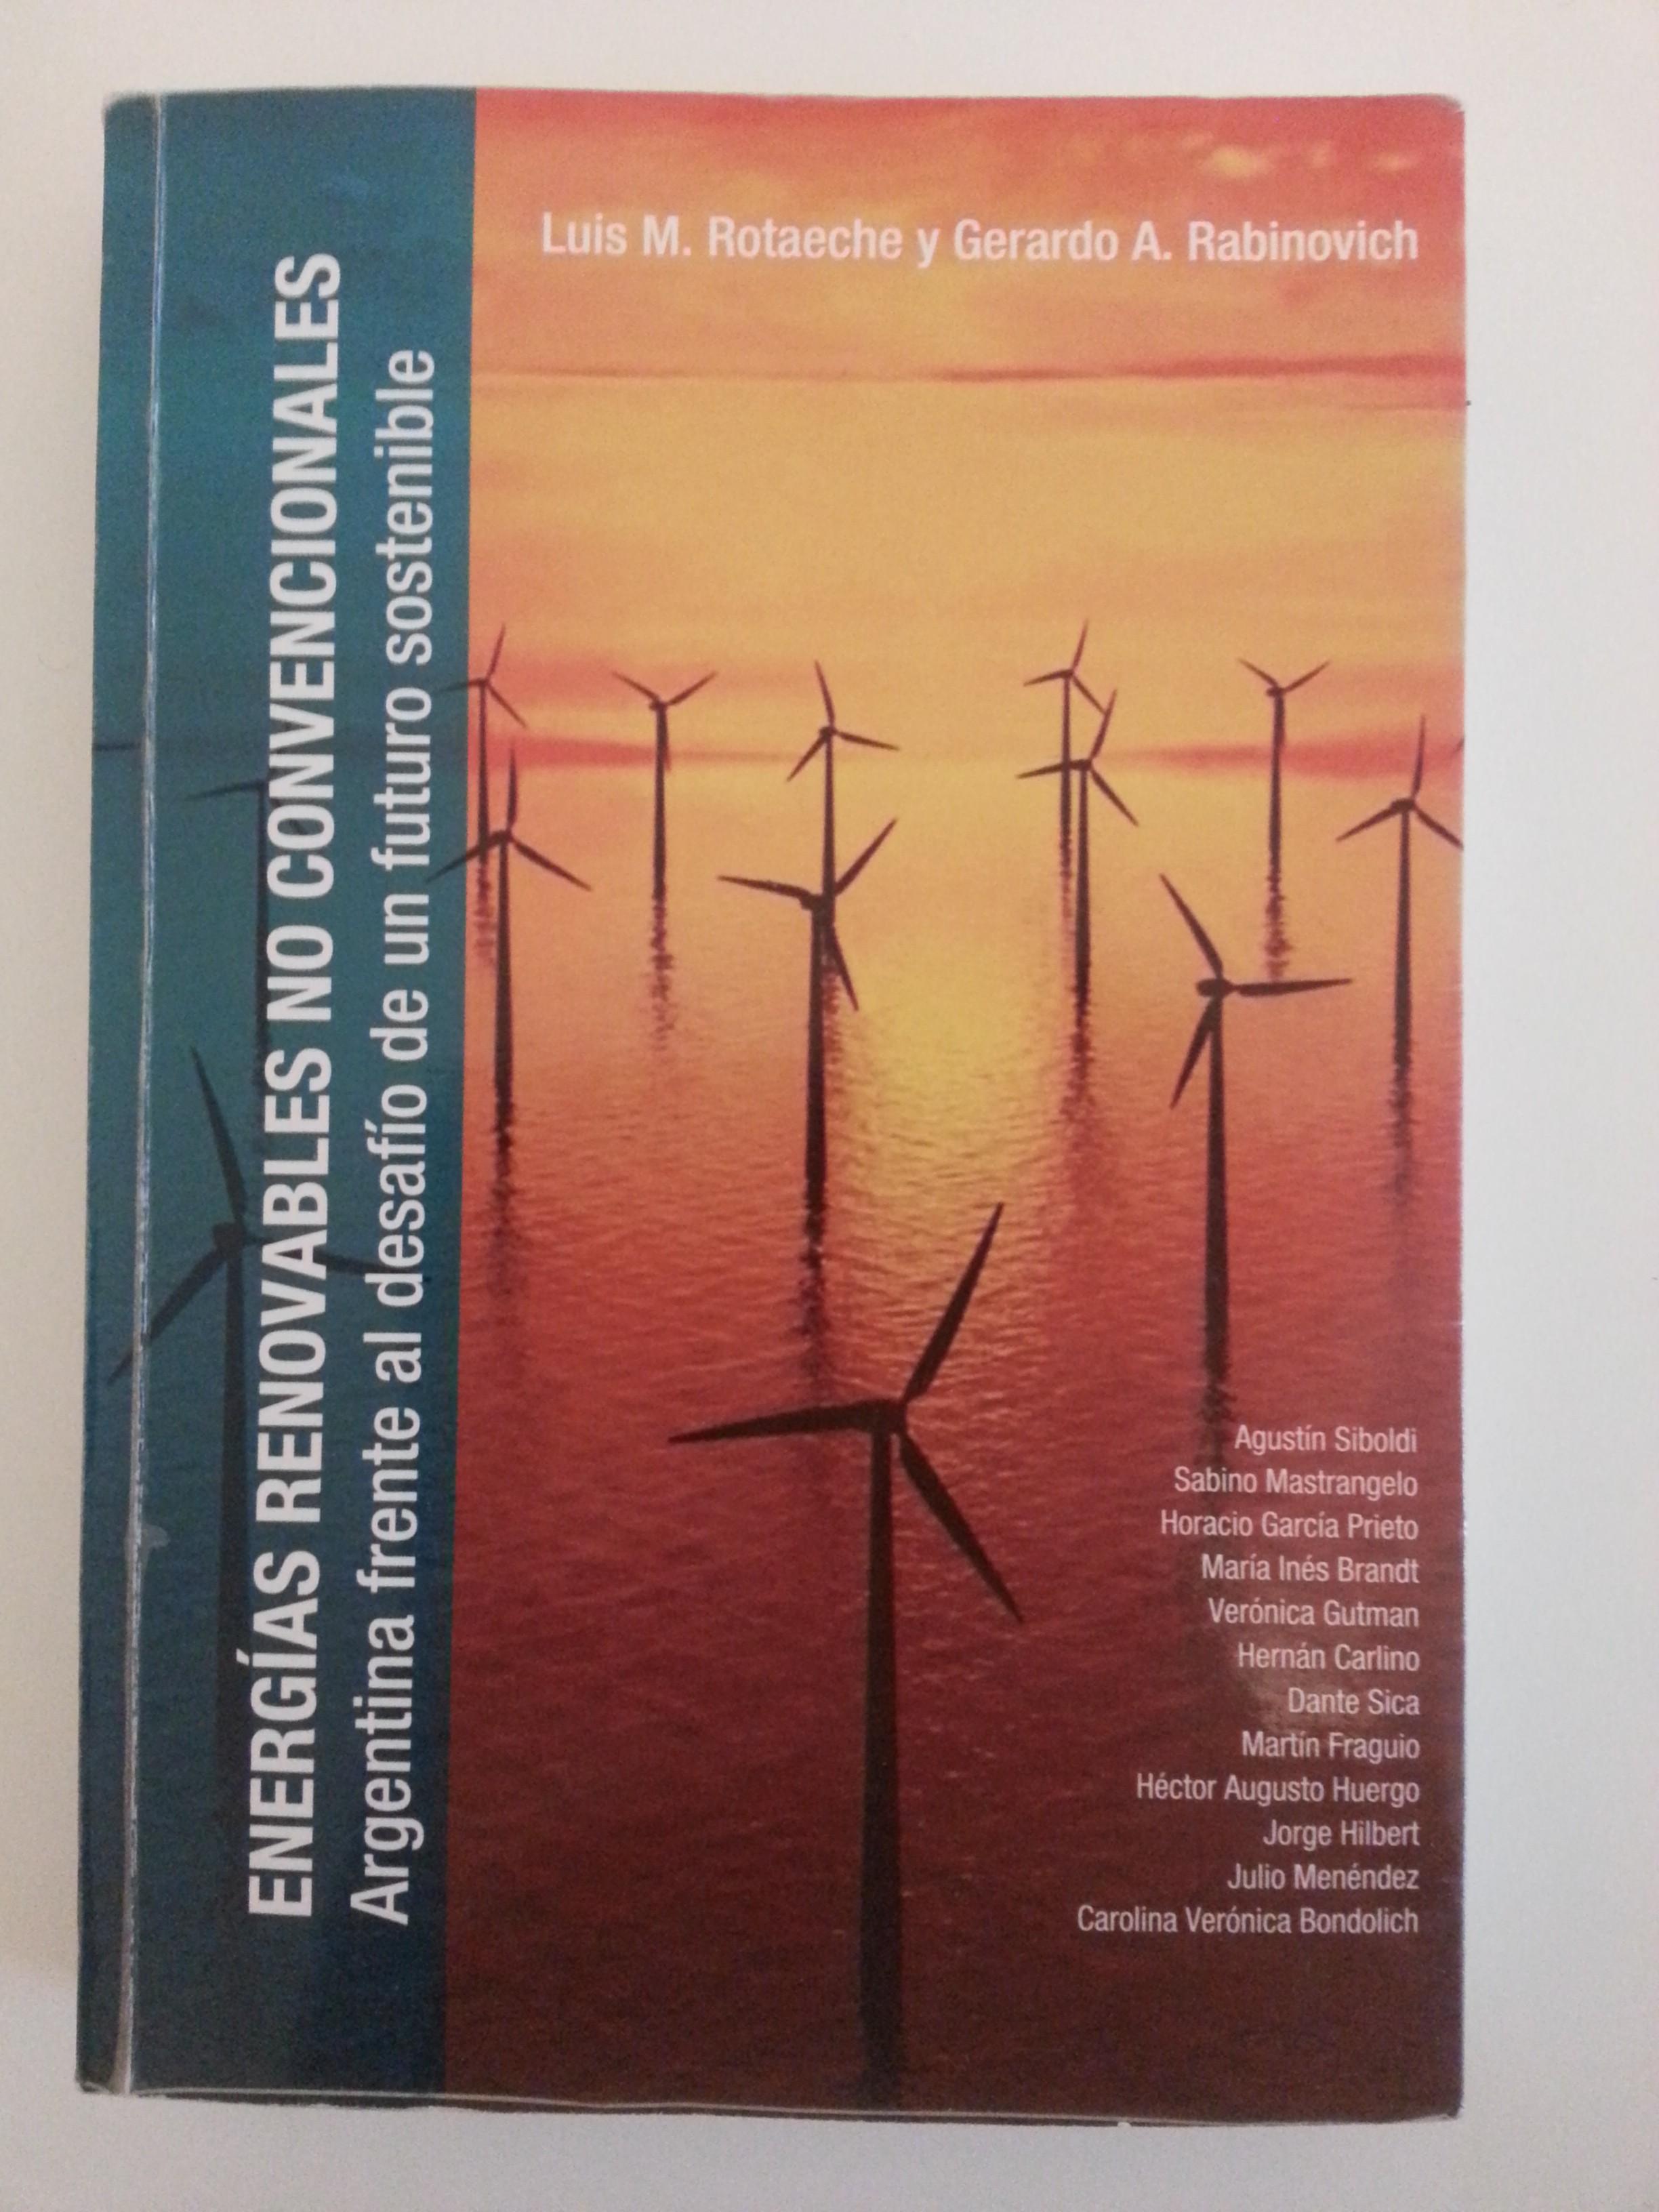 Energías renovables no convencionales. Argentina frente al desafío de un futuro sostenible